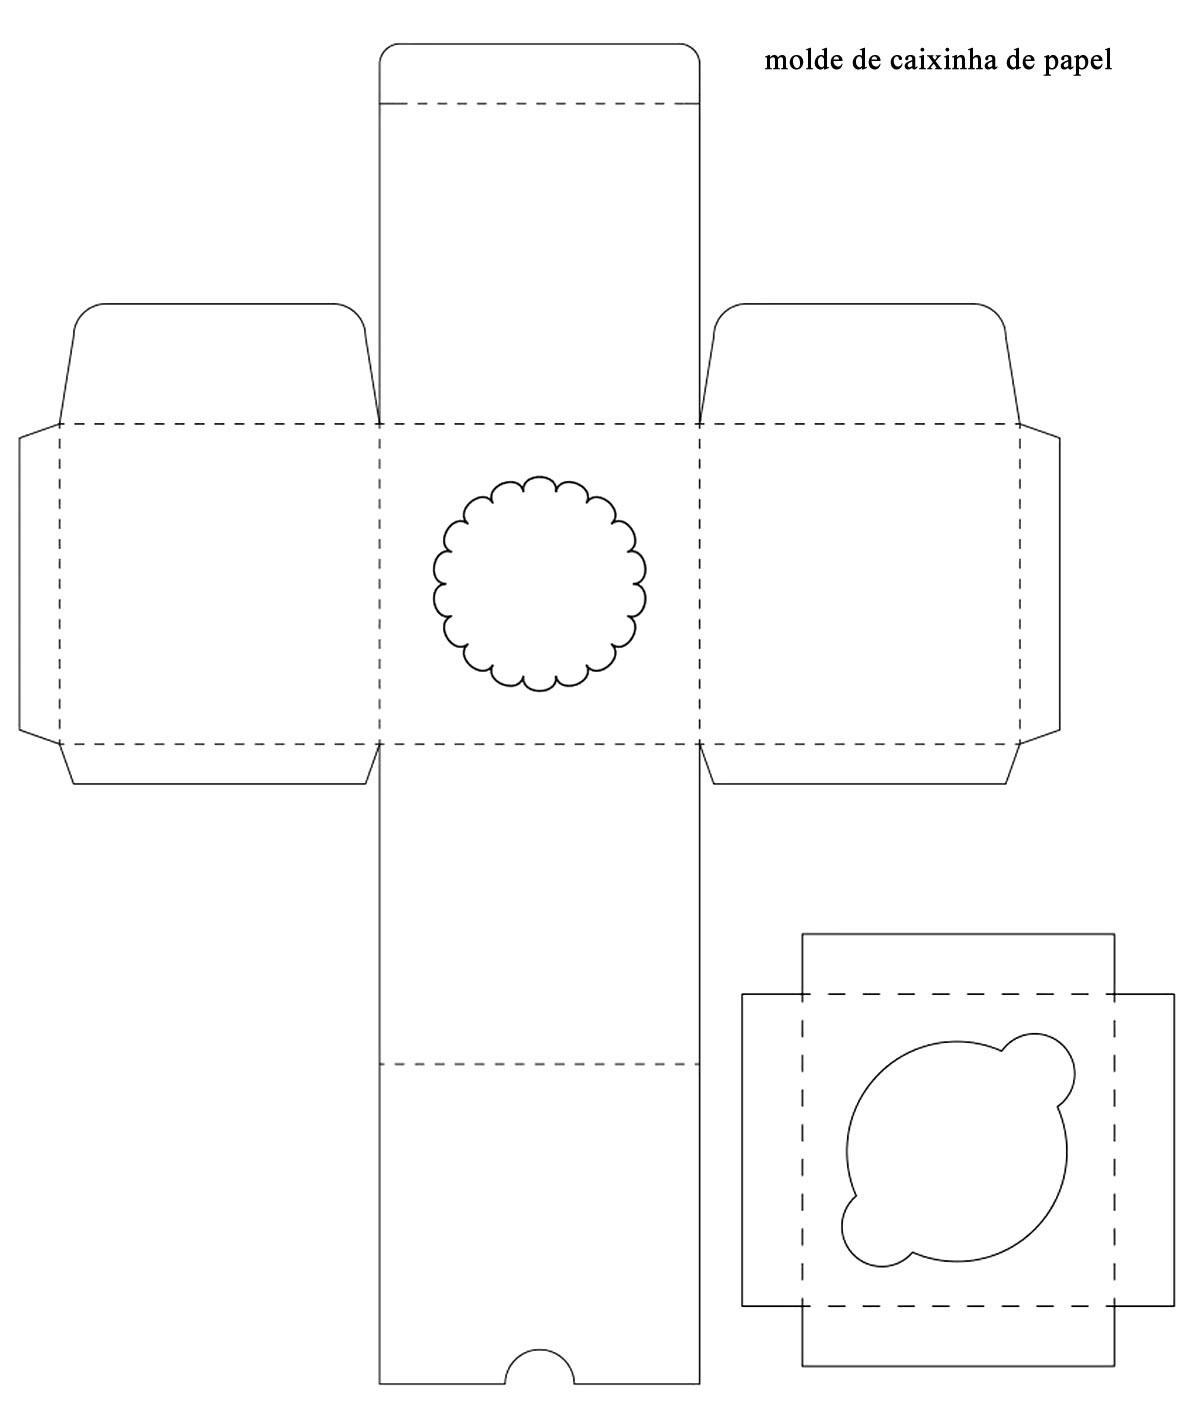 Caixa de papel para cupcake com moldes